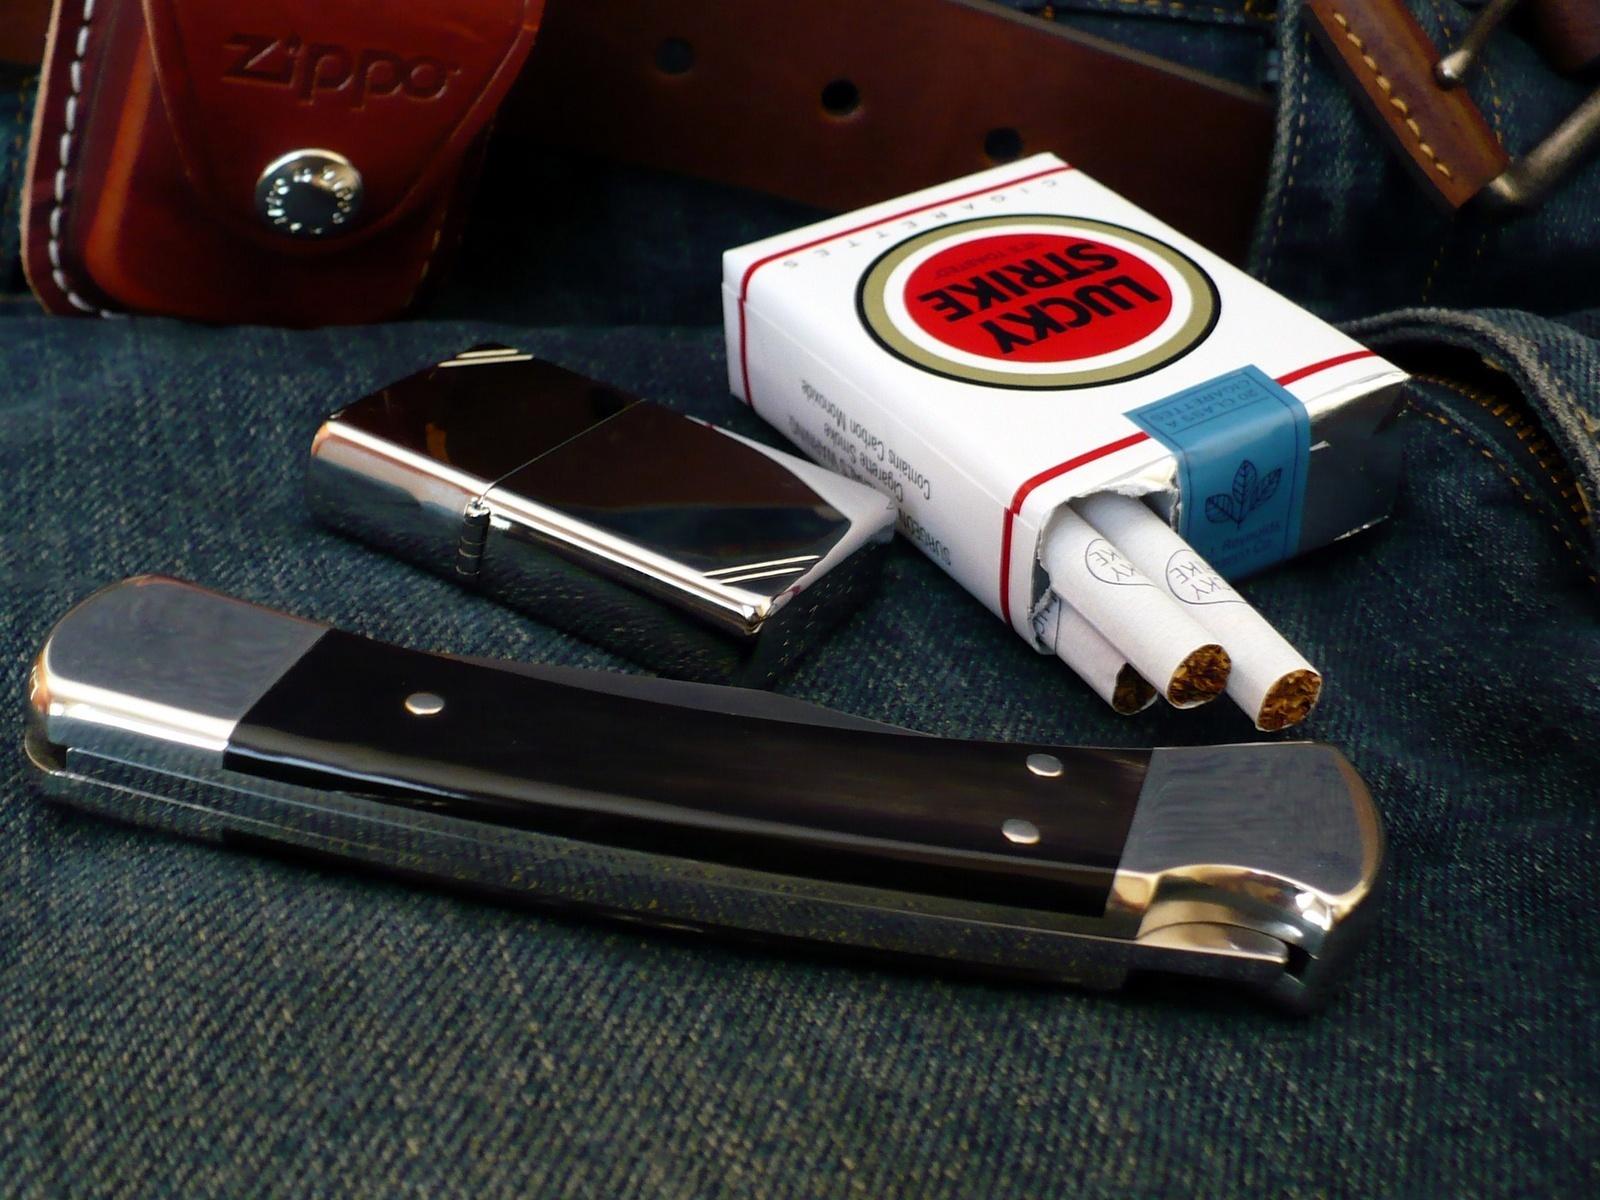 10543 Заставки и Обои Бренды на телефон. Скачать Бренды, Объекты, Оружие картинки бесплатно